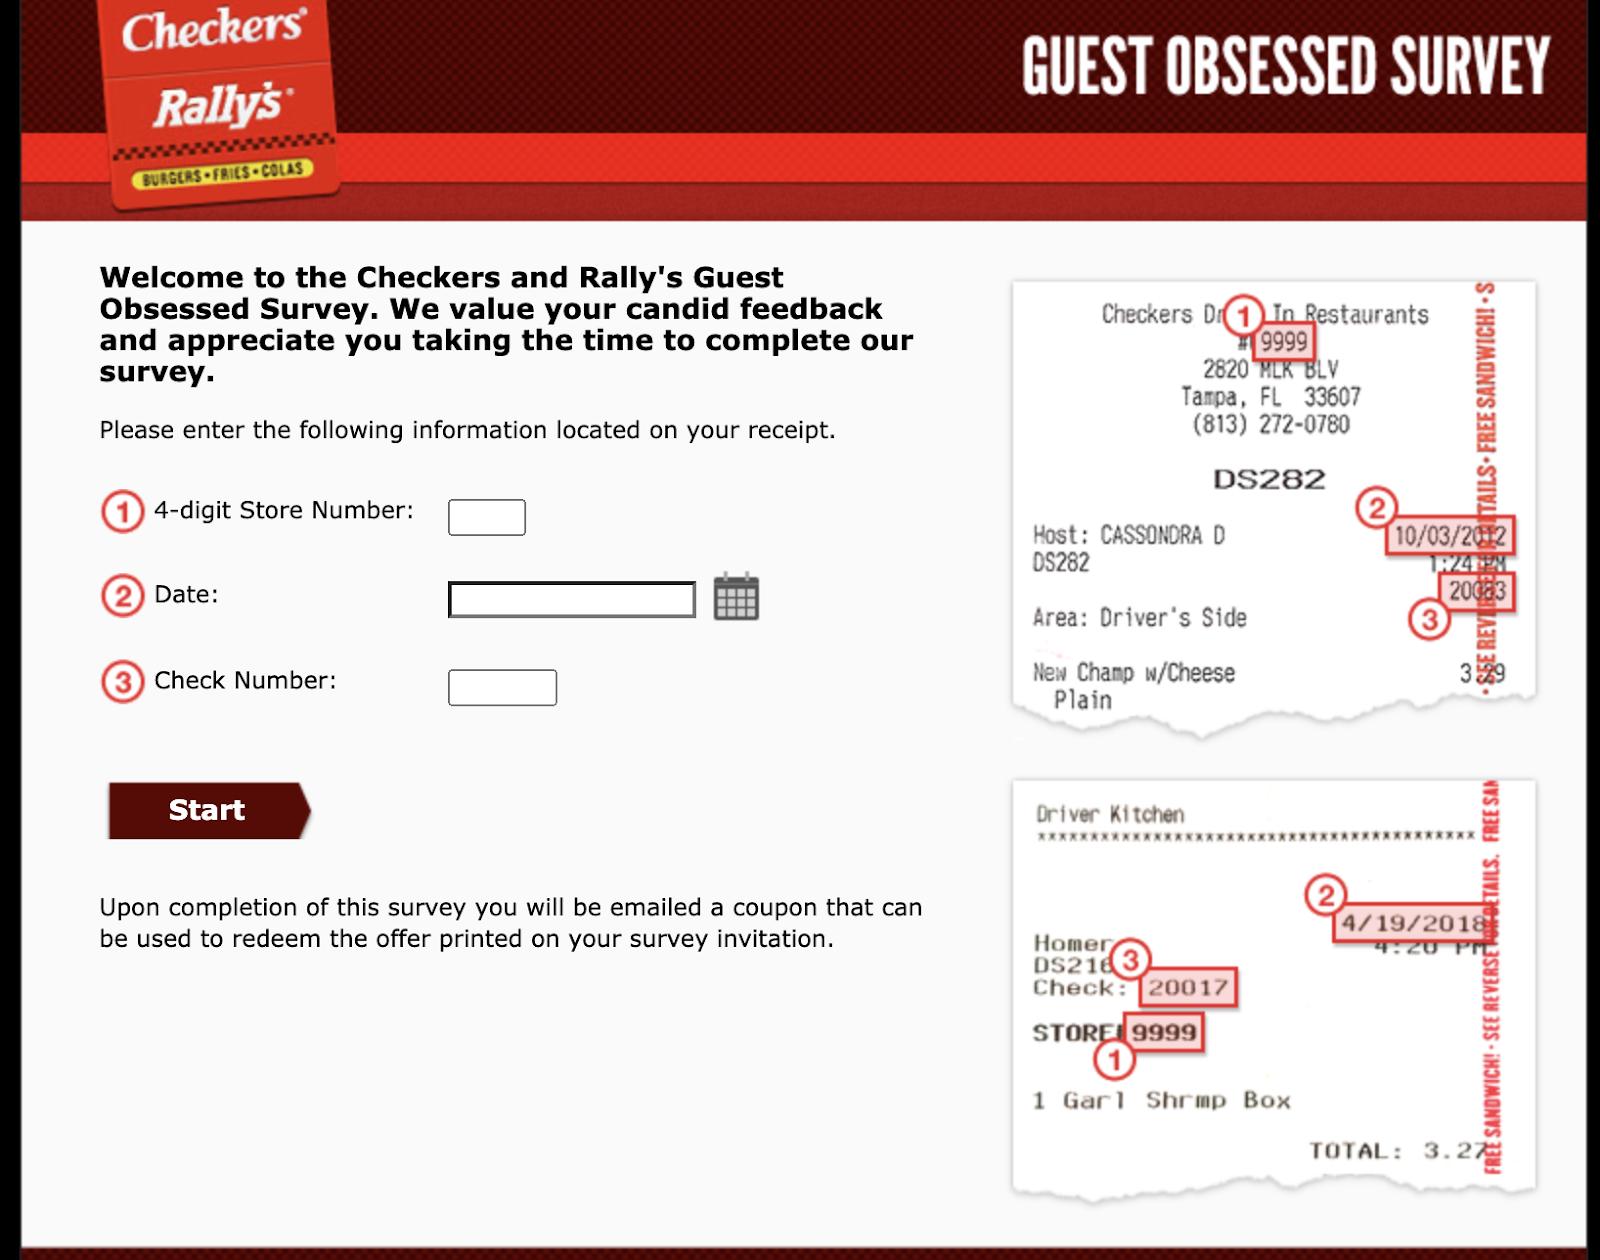 guestobsessed.com